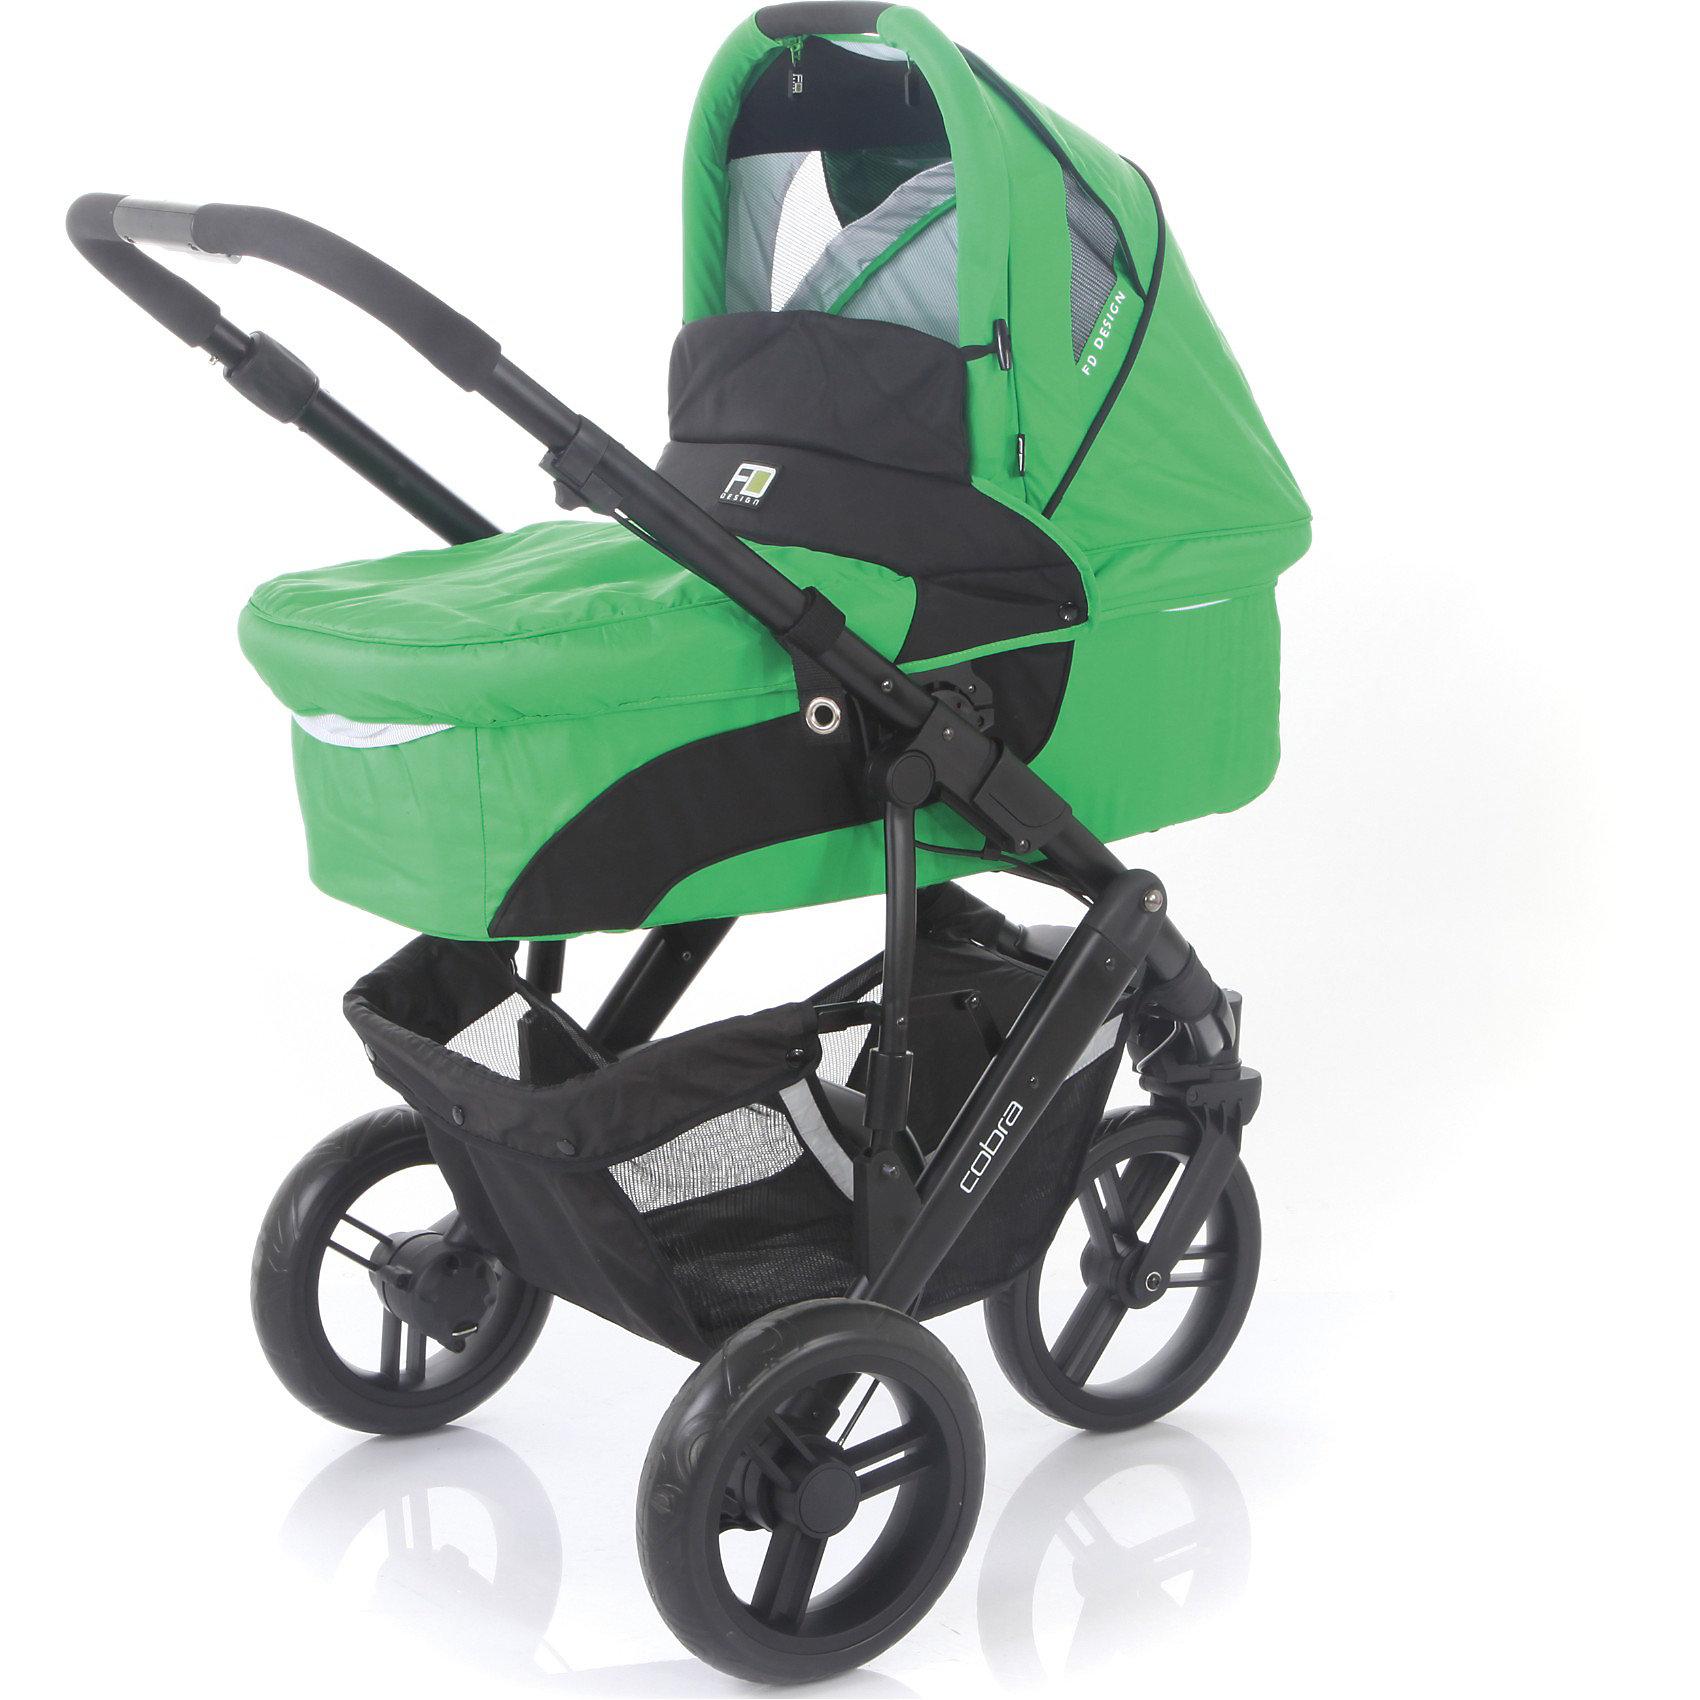 Коляска 2 в 1 FD Design Cobra, зеленыйКоляски 2 в 1<br>Коляска 2 в 1 Cobra, FD Design, зеленый - это удобная многофункциональная коляска для малышей и их родителей.<br>FD Design Cobra – стильная и функциональная коляска 2в1. Конструкция сверхпрочной алюминиевой рамы под три колеса большого диаметра обеспечивает превосходную маневренность. Переднее колесо, плавающее с возможностью фиксации. Имеется стояночный тормоз на задней оси. Коляска имеет небольшой вес. Она состоит из люльки с ровным жестким дном и прогулочного блока. Высокая посадка прогулочного блока облегчает доступ к ребенку. К тому же, сидение можно устанавливать и лицом к маме, и лицом к дороге. Прогулочный блок может наклоняться в 3 положениях, до 170 градусов, что гарантирует оптимальную посадку ребенка. А за его безопасность отвечают 5-точечные ремни и съемный бампер с мягкой накладкой. Подножку можно регулировать по высоте, что обеспечивает максимальный комфорт малышу. Для удобной переноски люльки, есть специальная ручка на капюшоне. На днище находятся резиновые ножки. Большой капюшон на коляске защитит ребенка от солнечных лучей и капель дождя. Родителей, несомненно, обрадует вместительная сумка для вещей и ручка, регулируемая по высоте. Рама легко и компактно складывается в книжку. Съемные тканевые детали можно стирать в машине при 30 градусах.<br><br>Дополнительная информация:<br><br>- Комплектация: прогулочный блок, люлька, сумка для мамы, дождевик, чехол на ножки, москитная сетка<br>- Цвет: авокадо (зеленый)<br>- Диаметр колес: 26 см.<br>- Тип колес: плотная резина<br>- Механизм складывания: книжка<br>- Ширина колесной базы: 69 см. <br>- Вес: 11,3 кг.<br>- Размеры в собранном виде: 82x68x29 см.<br>- Размеры: люлька – 76x34х18 см, прогулочный блок – 98х30х26 см.<br>- Высота ручки: 102-107 см.<br>- Материал люльки: внешняя ткань плотная и водонепроницаемая, внутренний чехол - высококачественный и натуральный хлопок, съемный для стирки<br>- Материал изготовления: алюминий, пластик<br>- Возможно прио